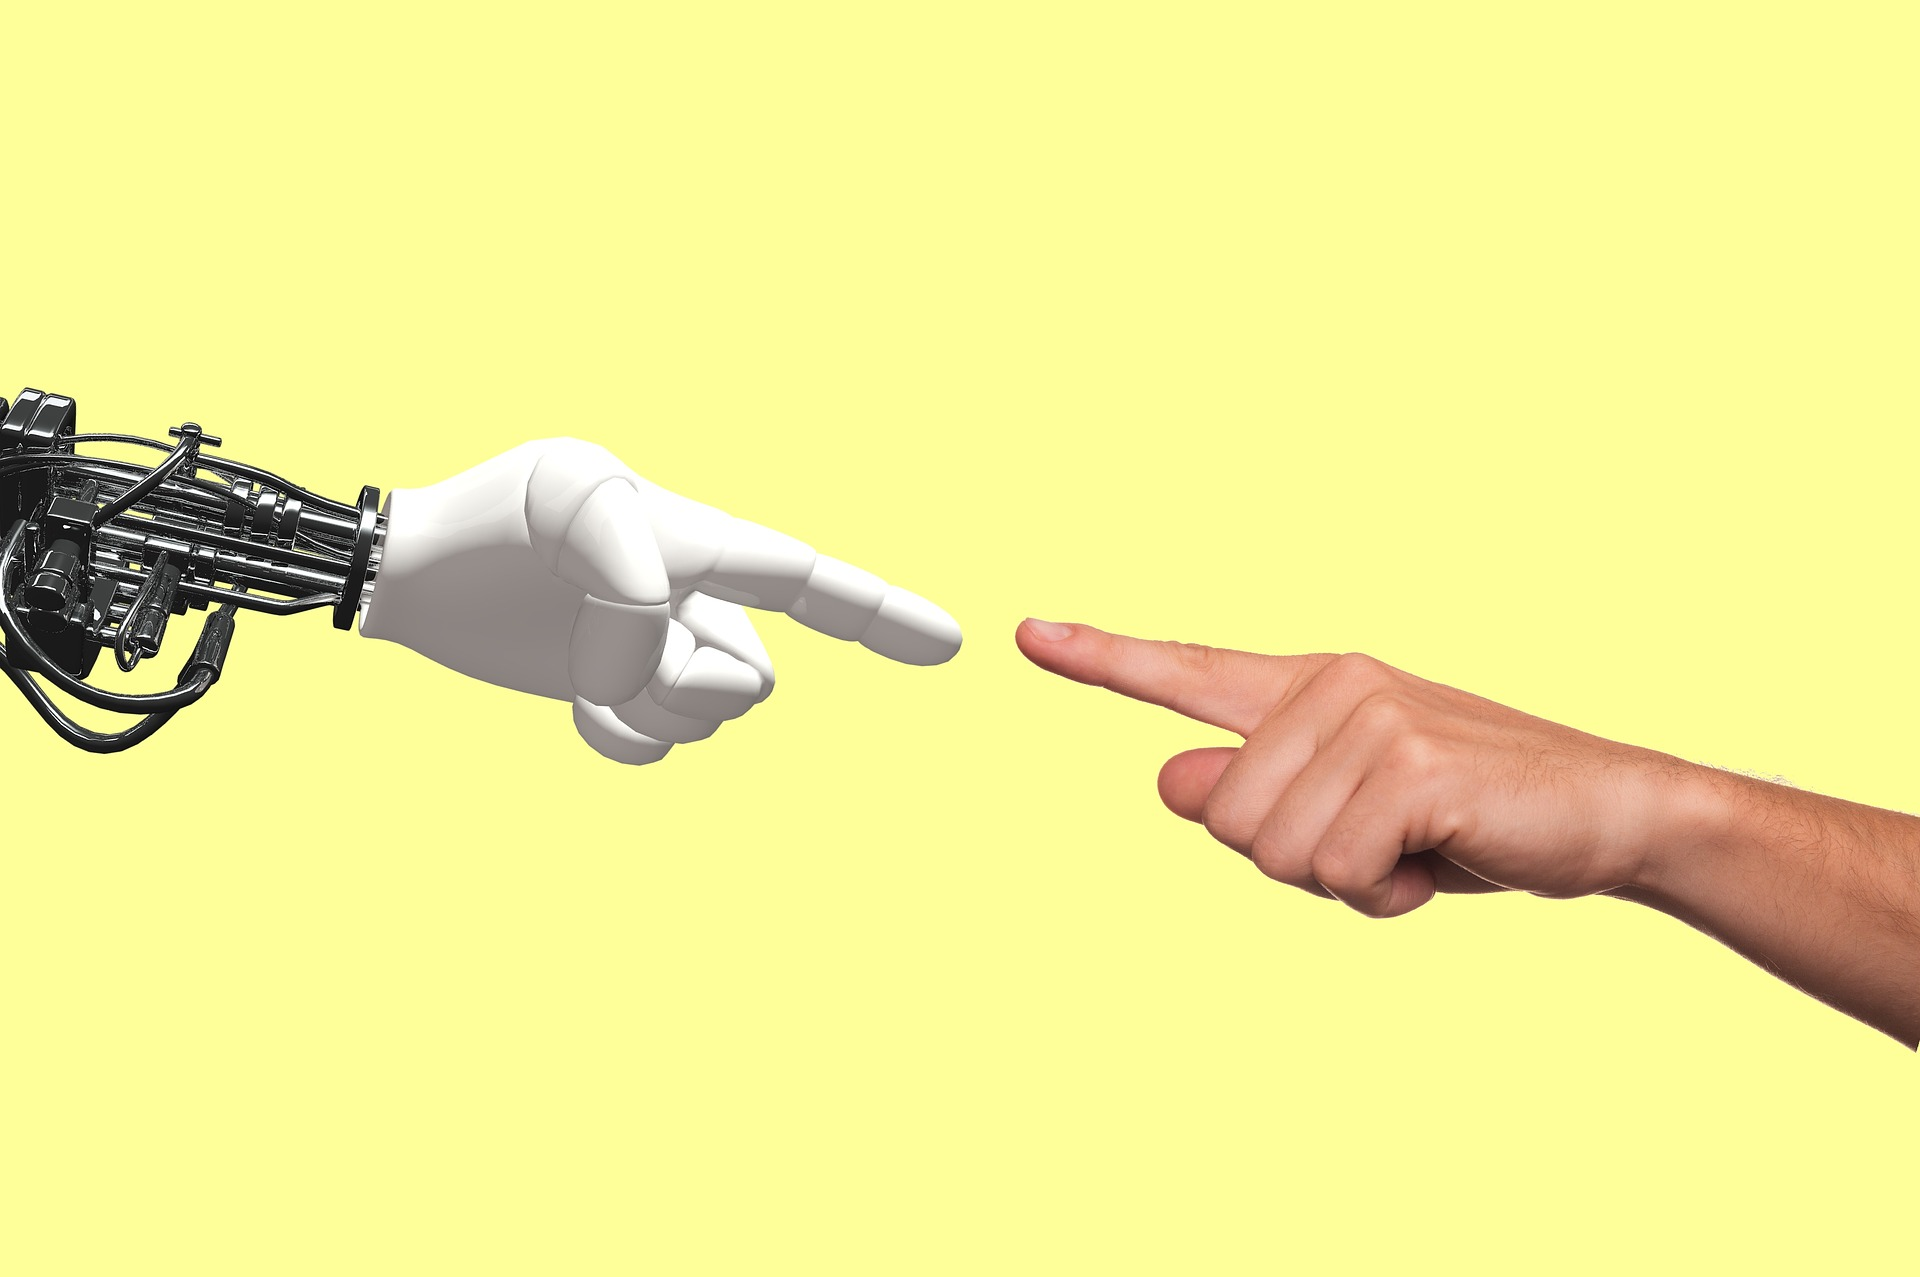 tutors and robots